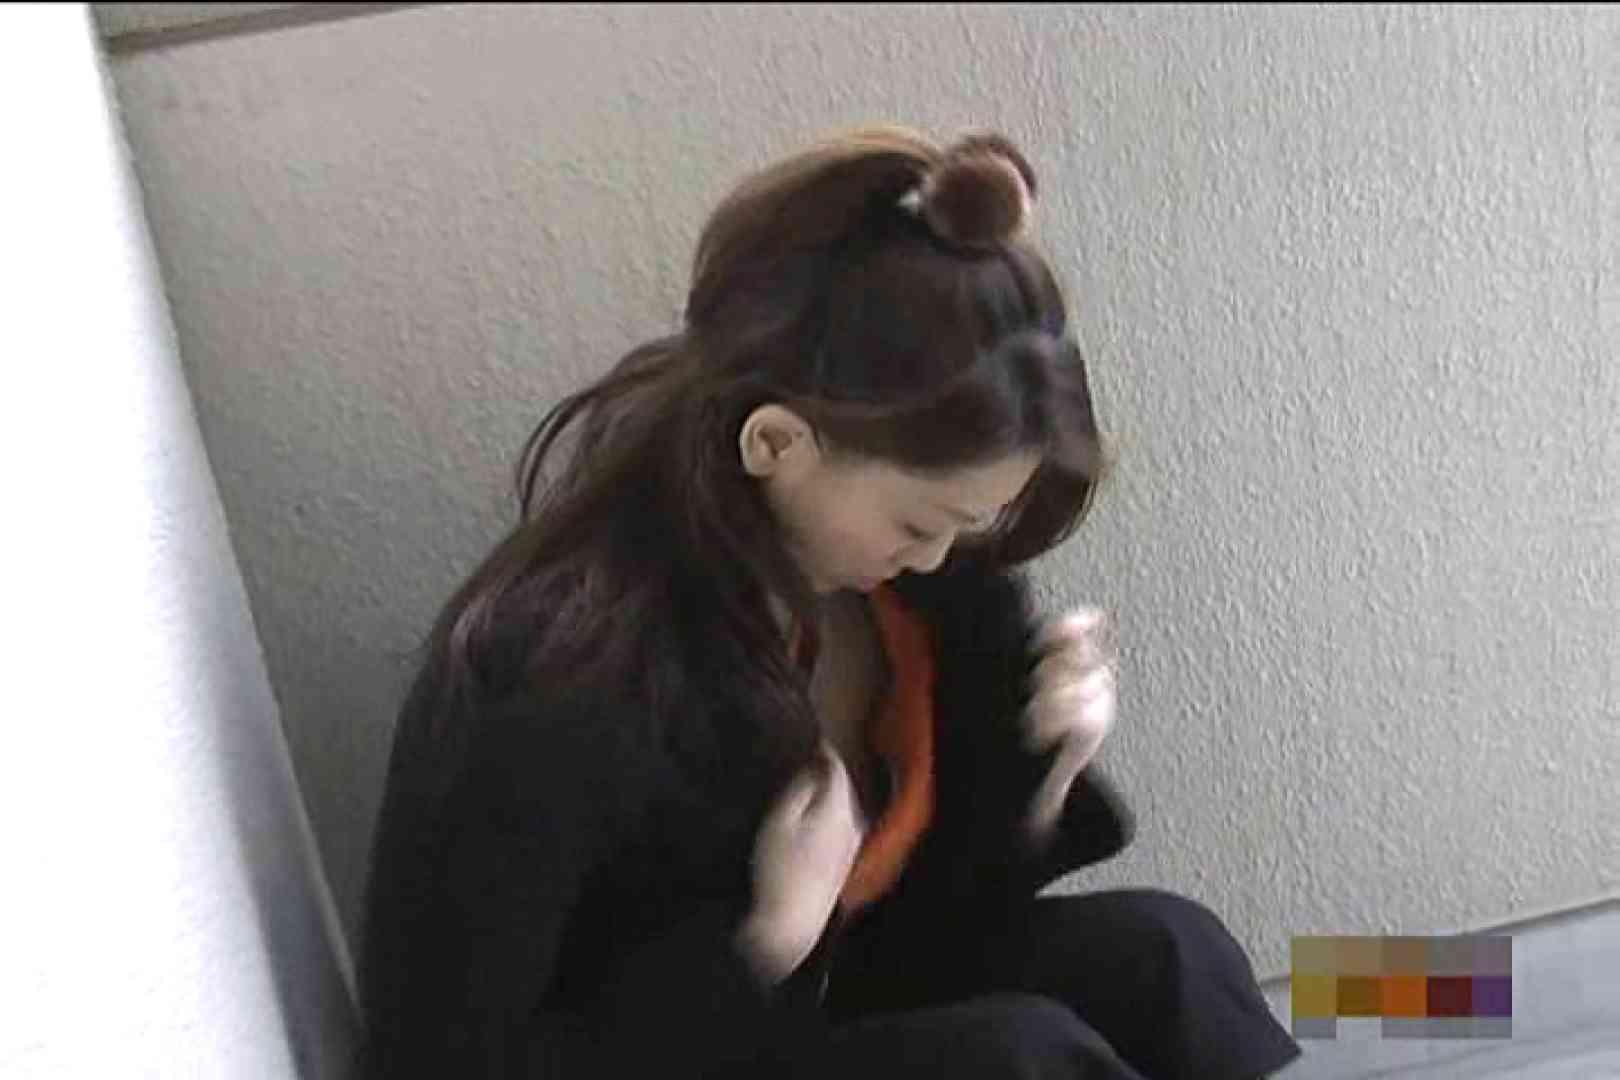 大胆露出胸チラギャル大量発生中!!Vol.4 現役ギャル おまんこ無修正動画無料 84pic 77